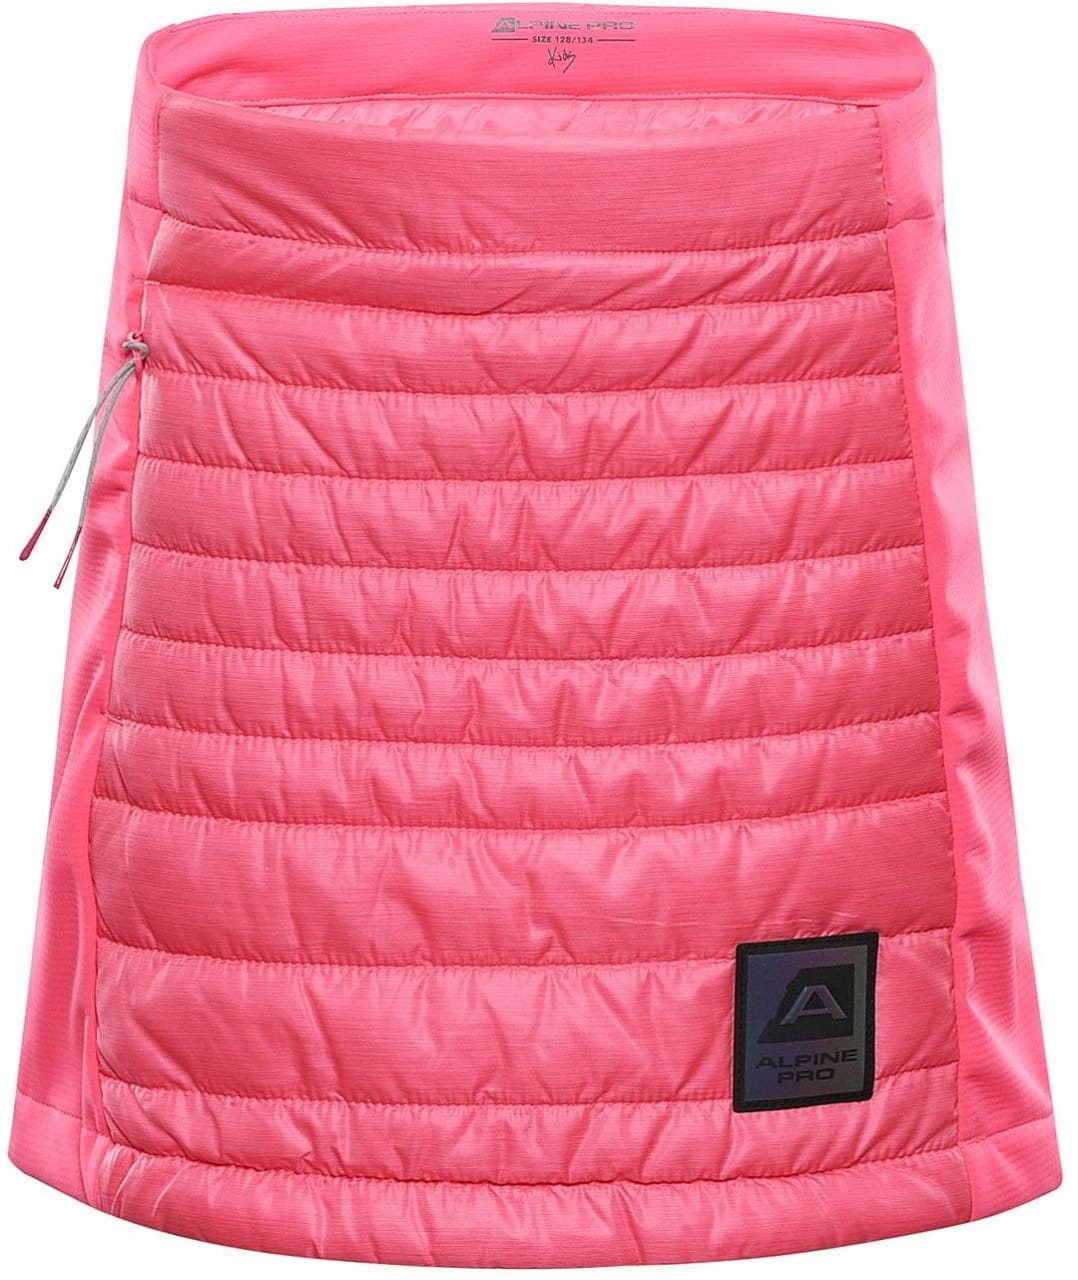 Dětská Hi-Therm sukně Alpine Pro Trinito 6